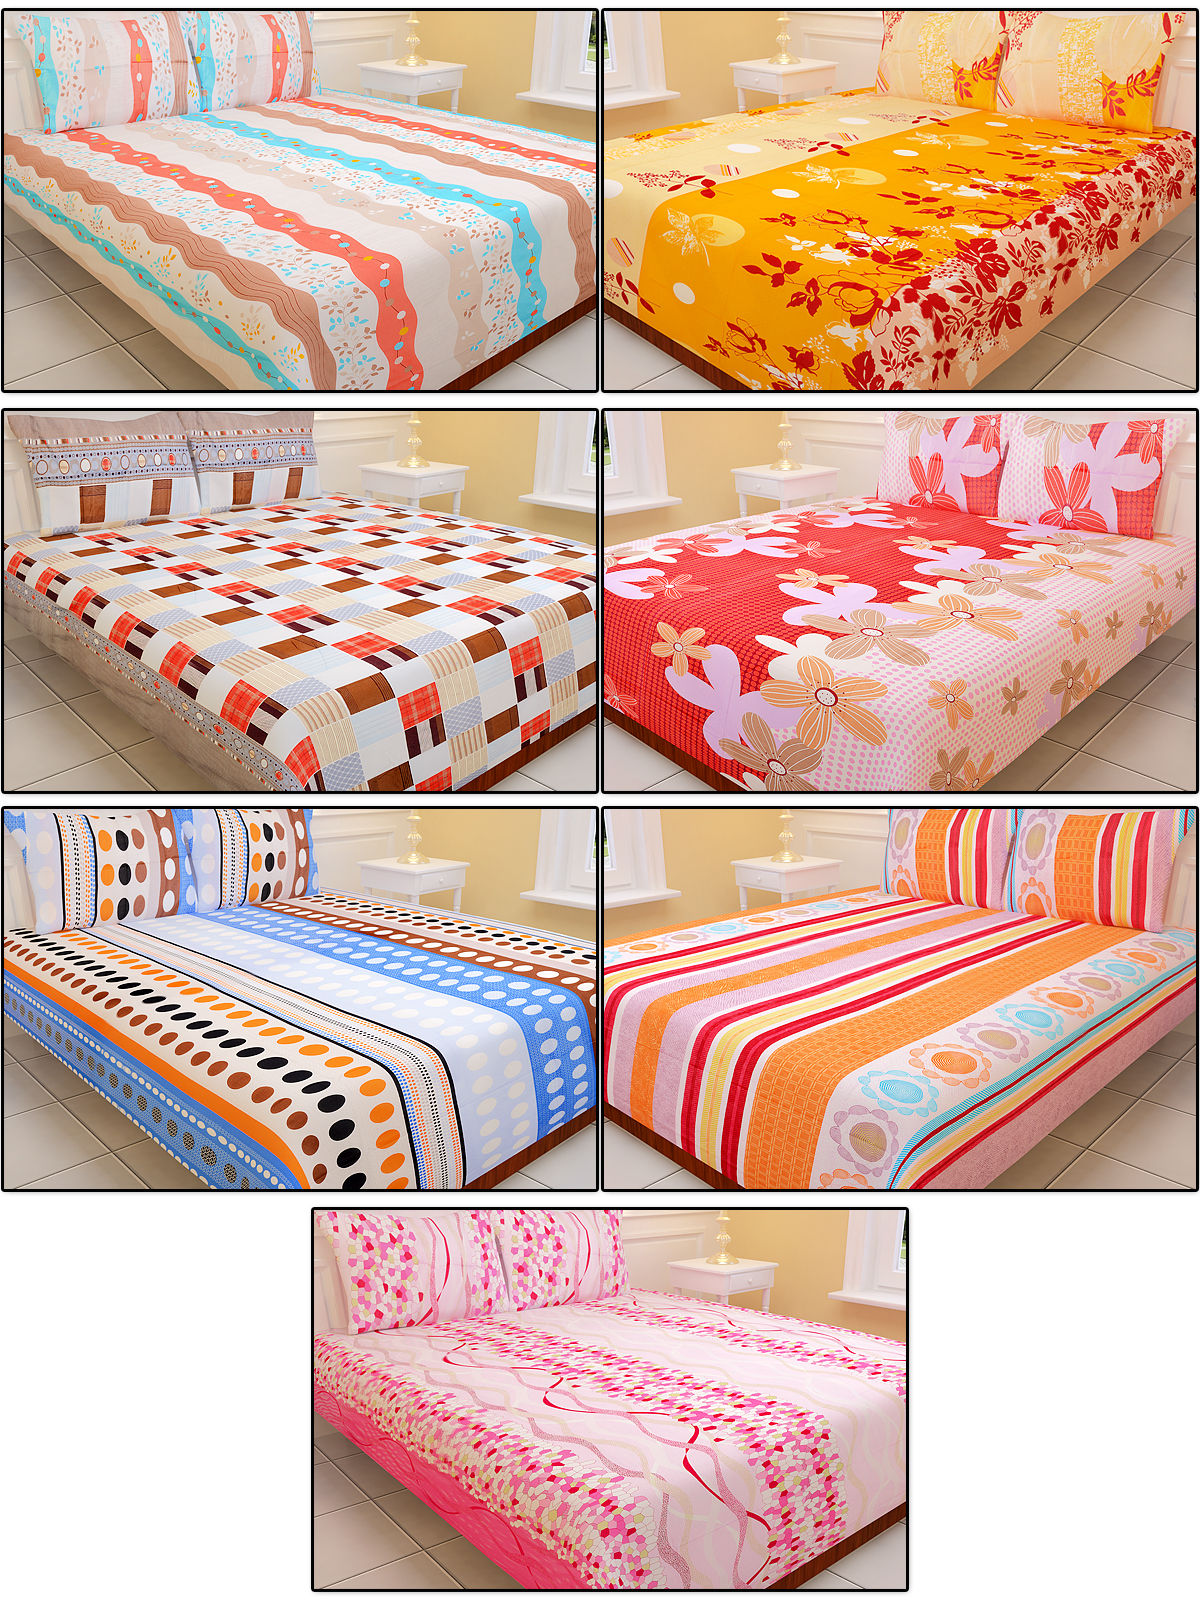 Buy royal home pack of 7 designer bedsheets 7bs1 online for Bed sheet design images